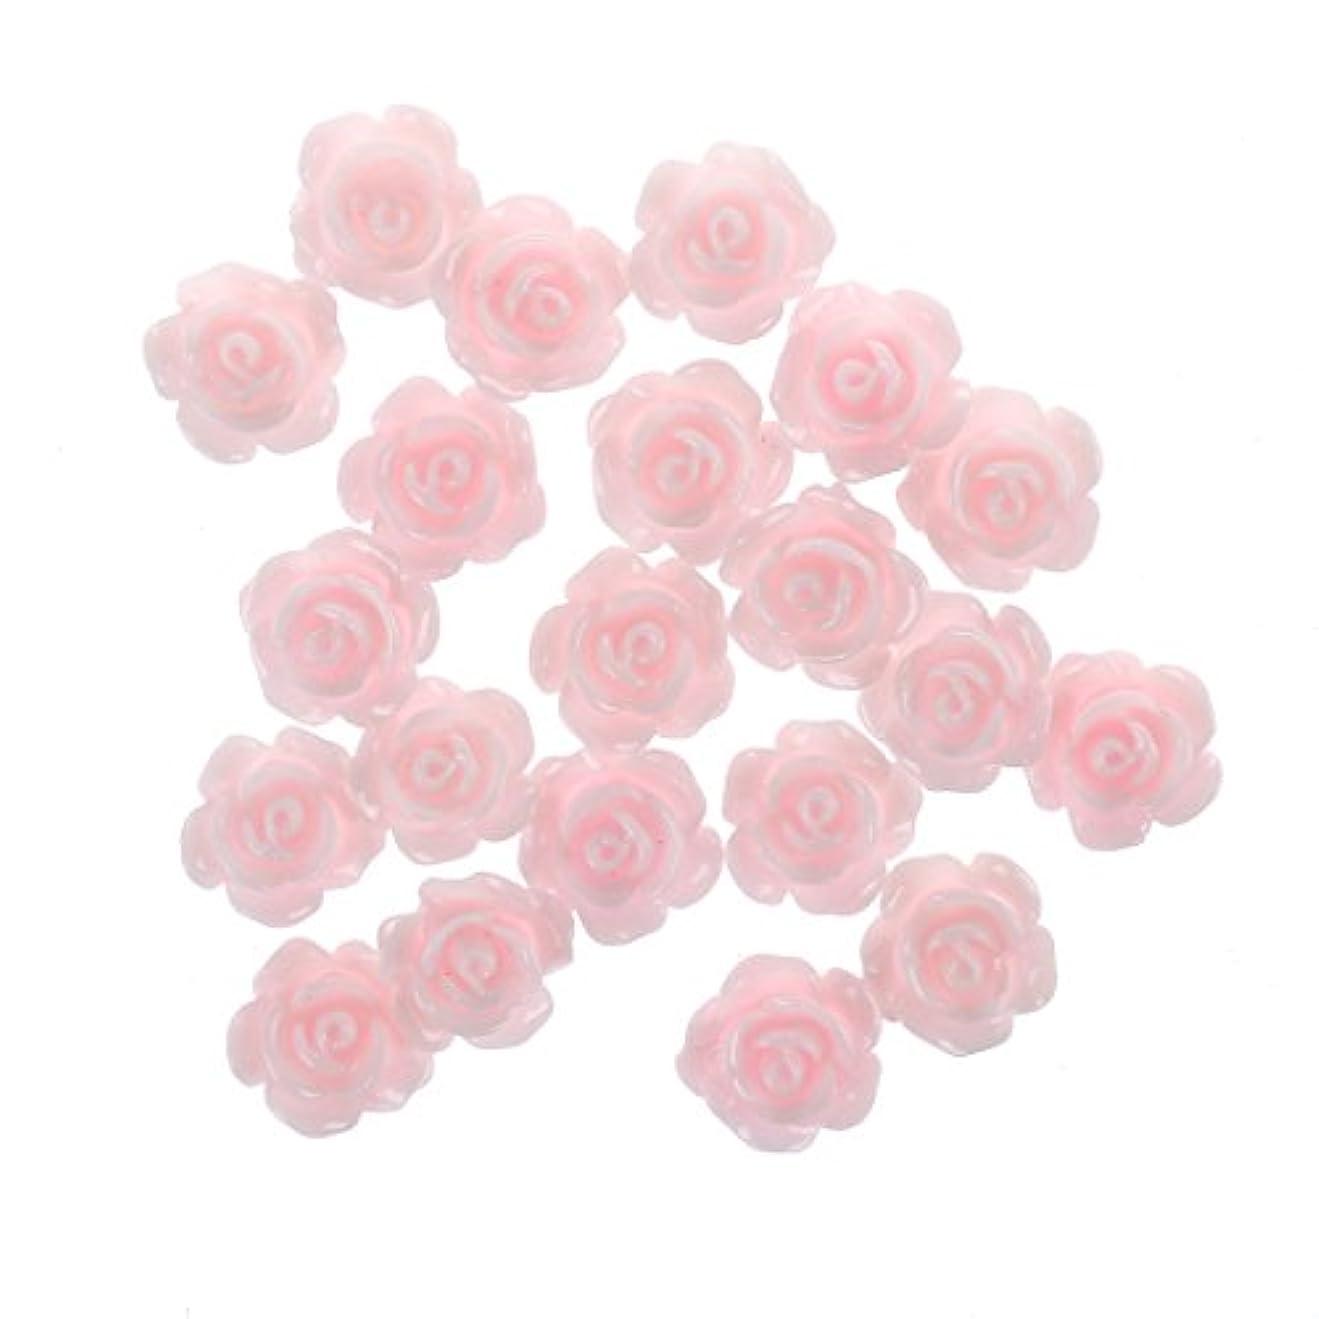 落ちた共和党船尾Cikuso 20x3Dピンクの小さいバラ ラインストーン付きネイルアート装飾